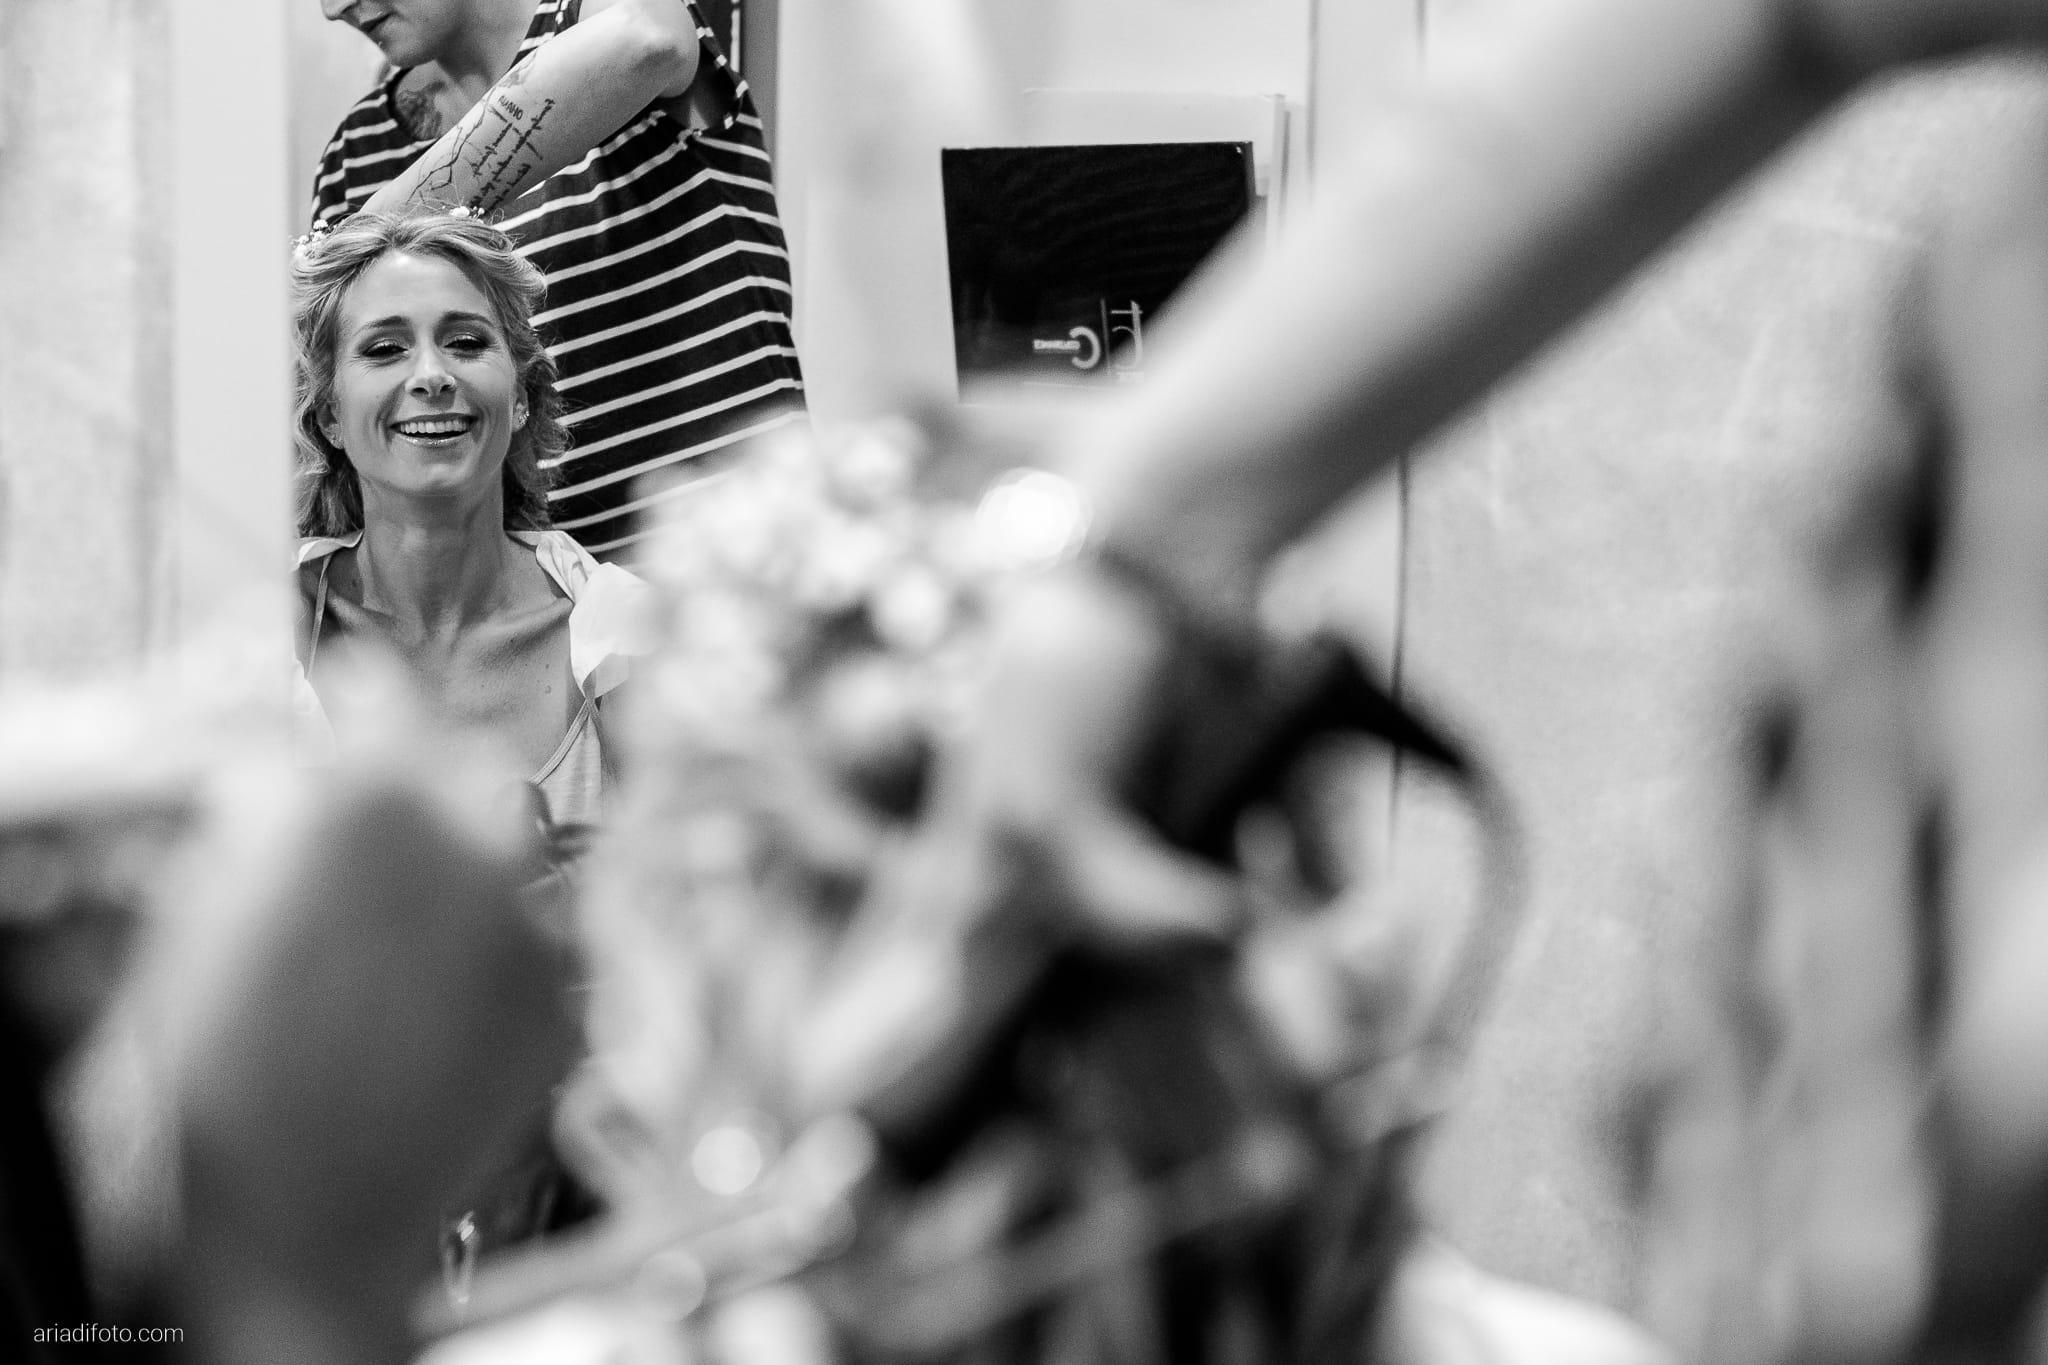 Nicoletta Pierfrancesco Matrimonio Gorizia Villa Attems Lucinico preparativi sposa acconciatura specchio riflesso